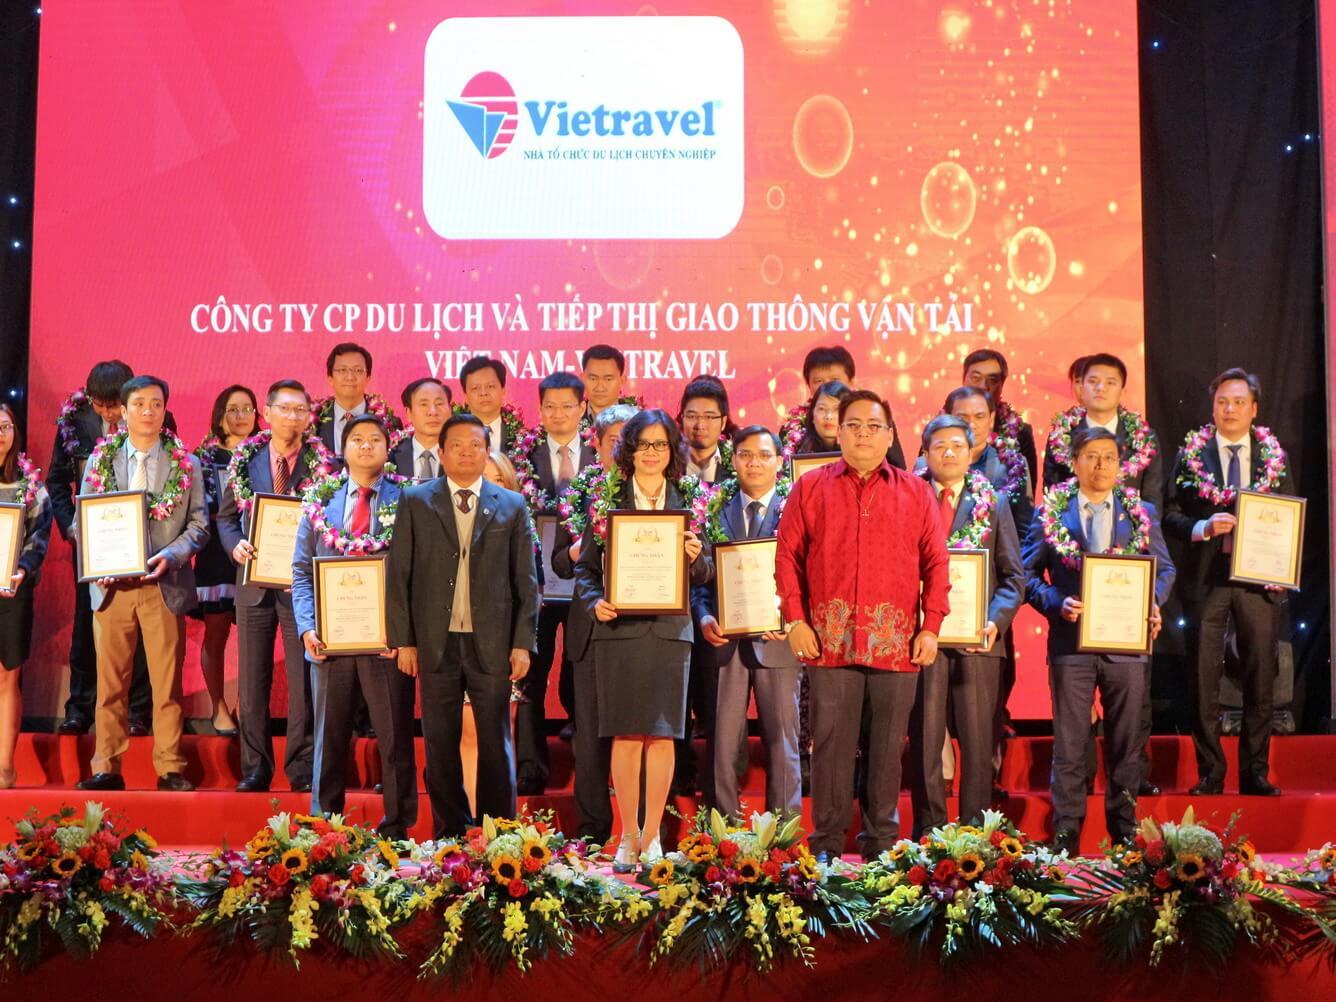 Viettravel - Tự hào Top 1 công ty du lịch - lữ hành uy tín